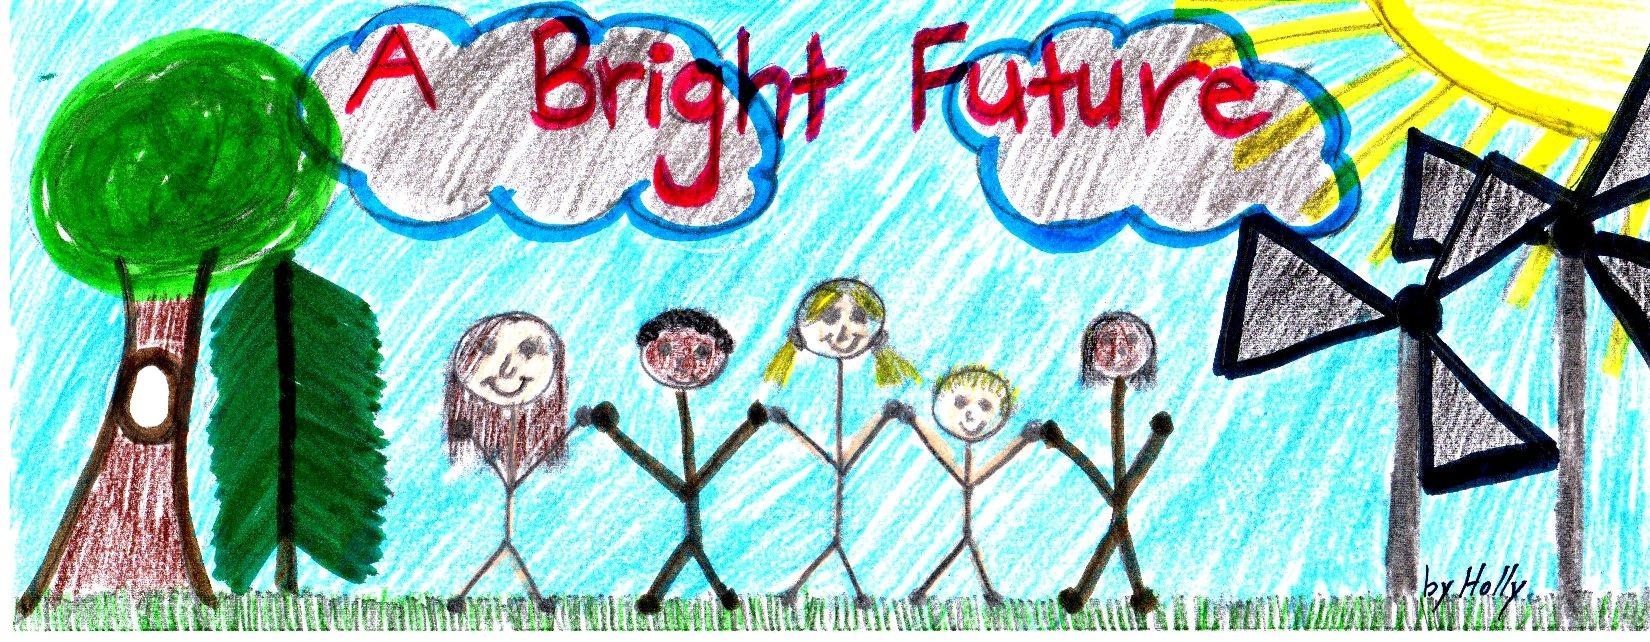 kids bright future(1)sml